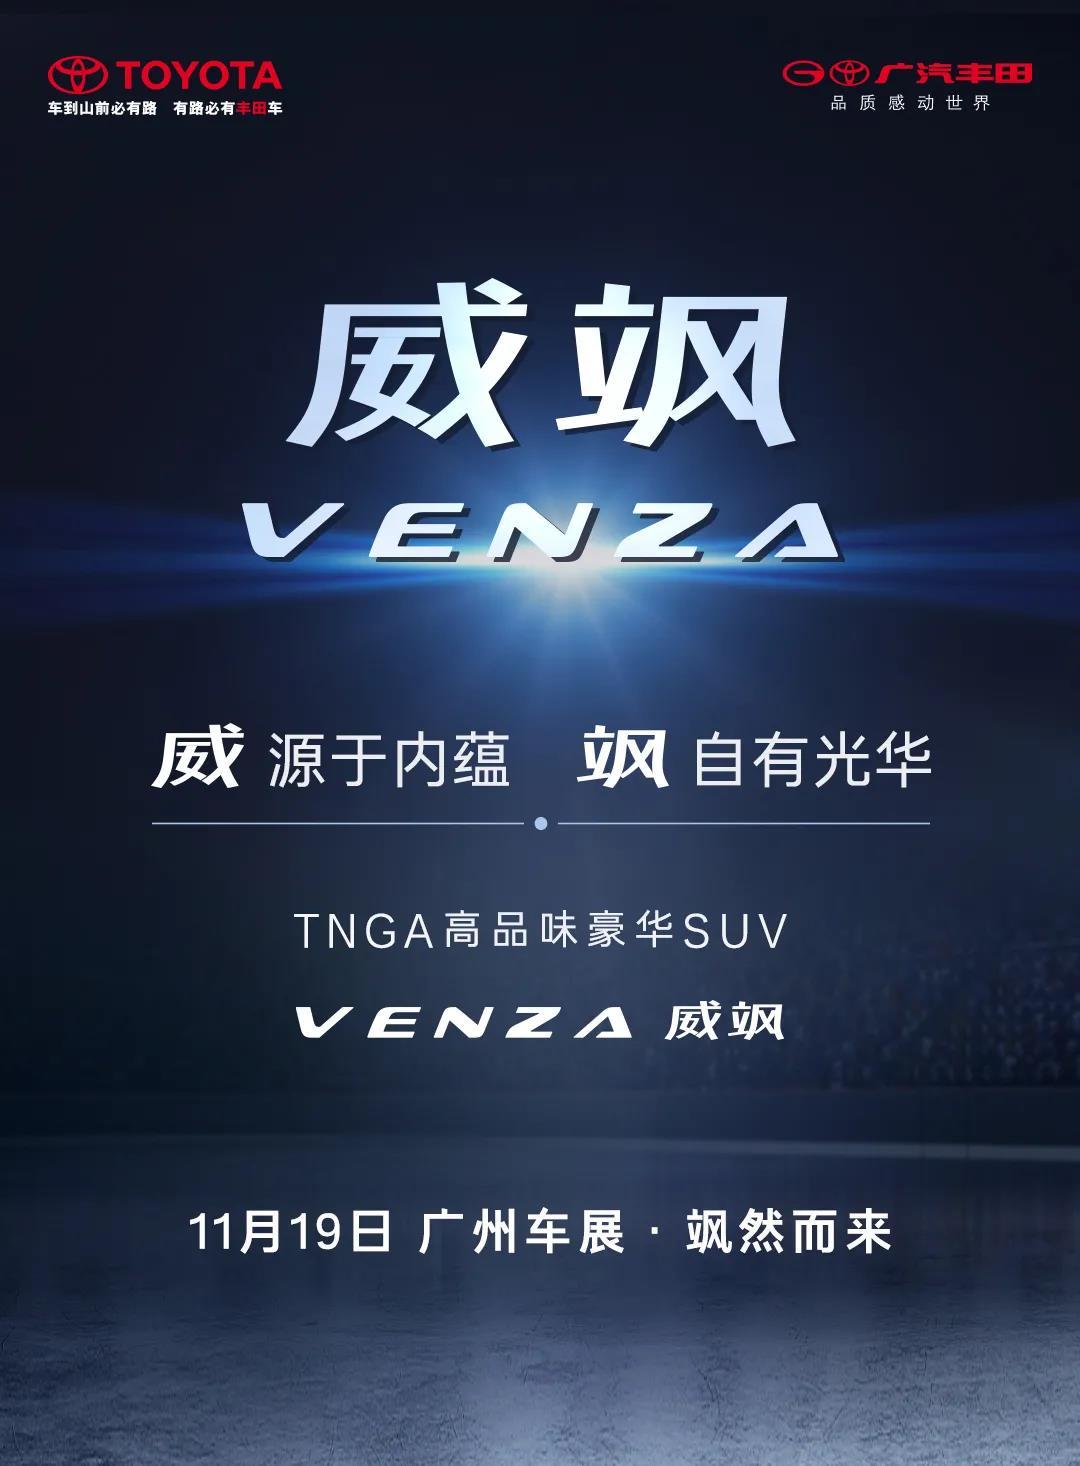 11月19日广州车展首发 广汽丰田Venza定名威飒